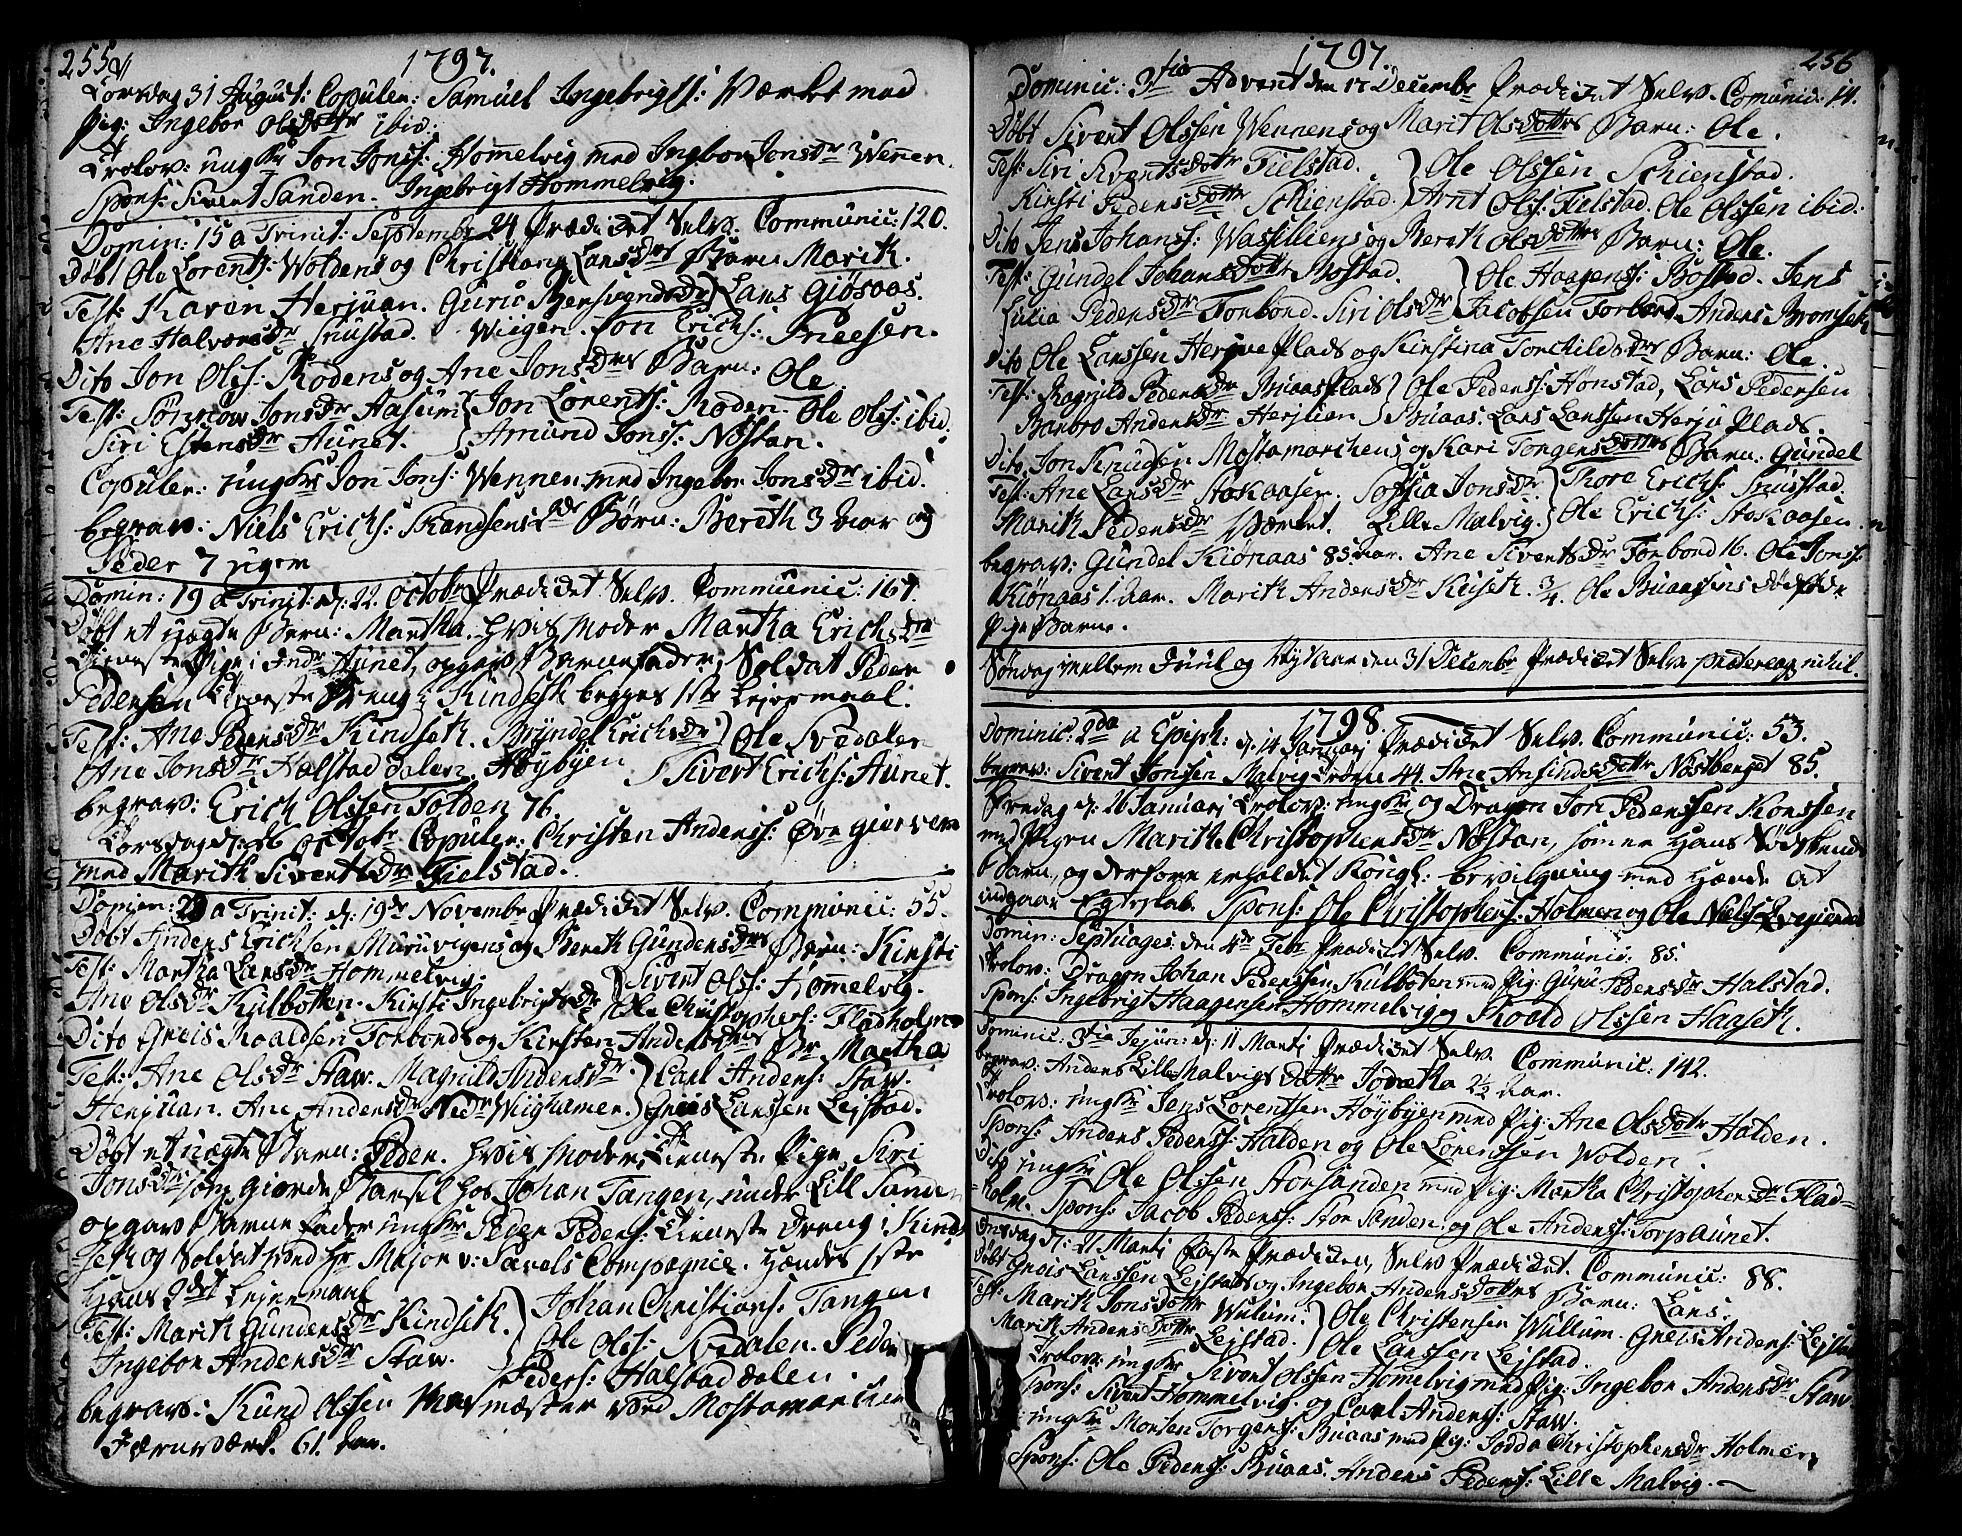 SAT, Ministerialprotokoller, klokkerbøker og fødselsregistre - Sør-Trøndelag, 606/L0281: Ministerialbok nr. 606A02 /2, 1781-1817, s. 255-256